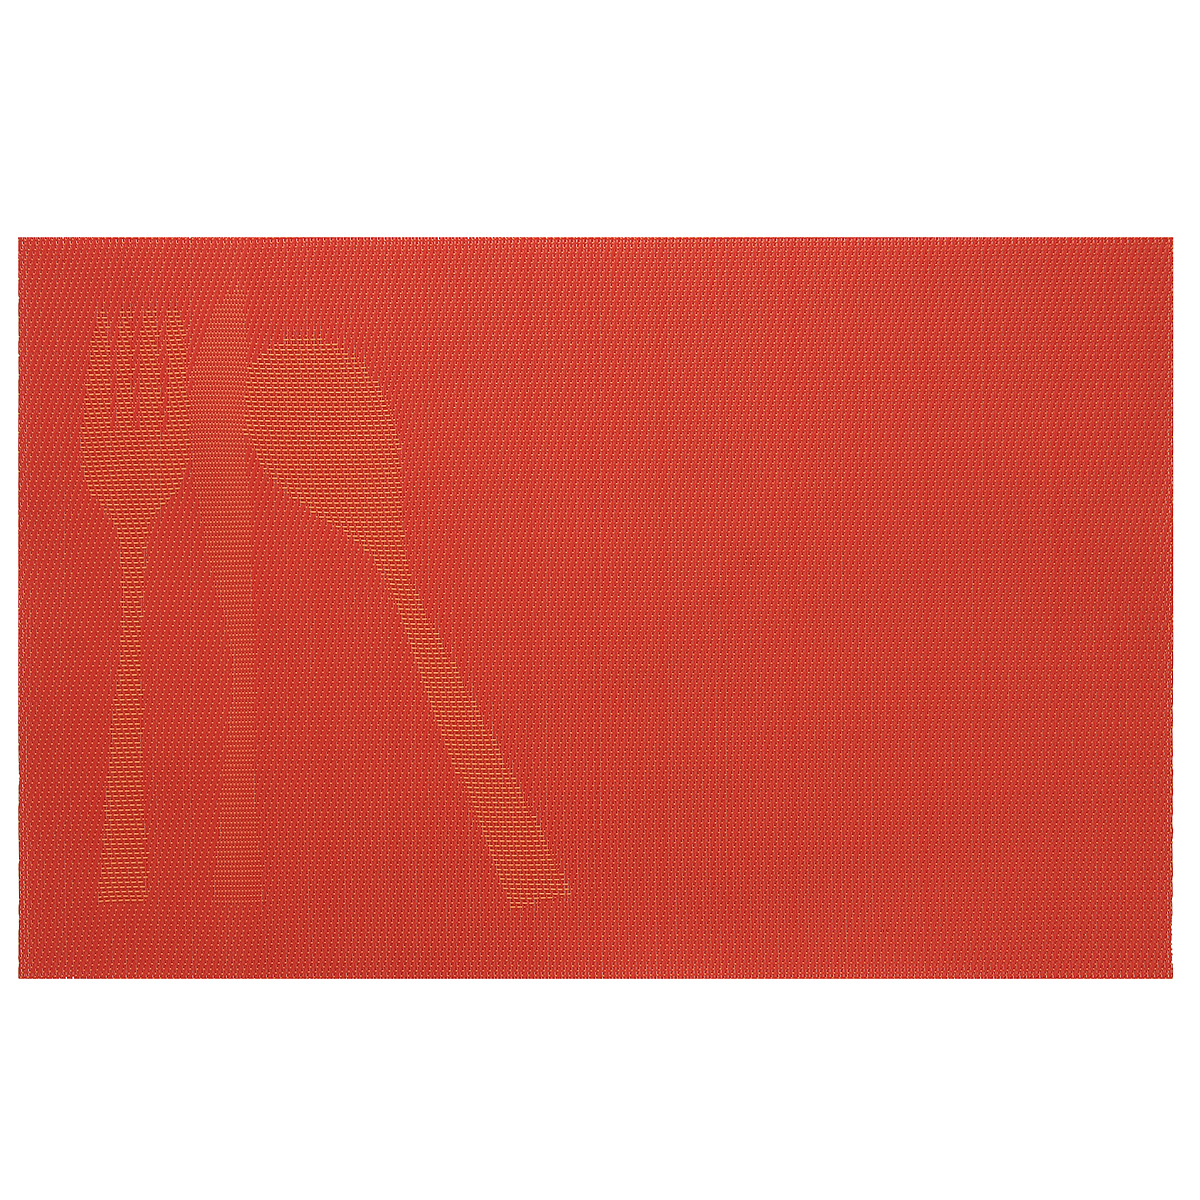 Подставка под горячее Amadeus, цвет: оранжевый, 44 х 29 см 28HZ-908528HZ-9085Прямоугольная подставка под горячее Amadeus выполнена из мягкого пластика и декорирована рисунком с изображением столовых приборов. Подставка не боится высоких температур и легко чистится от пятен и жира.Каждая хозяйка знает, что подставка под горячее - это незаменимый и очень полезный аксессуар на каждой кухне. Ваш стол будет не только украшен оригинальной подставкой с красивым рисунком, но и сбережен от воздействия высоких температур ваших кулинарных шедевров.Размер подставки: 44 см х 29 см.